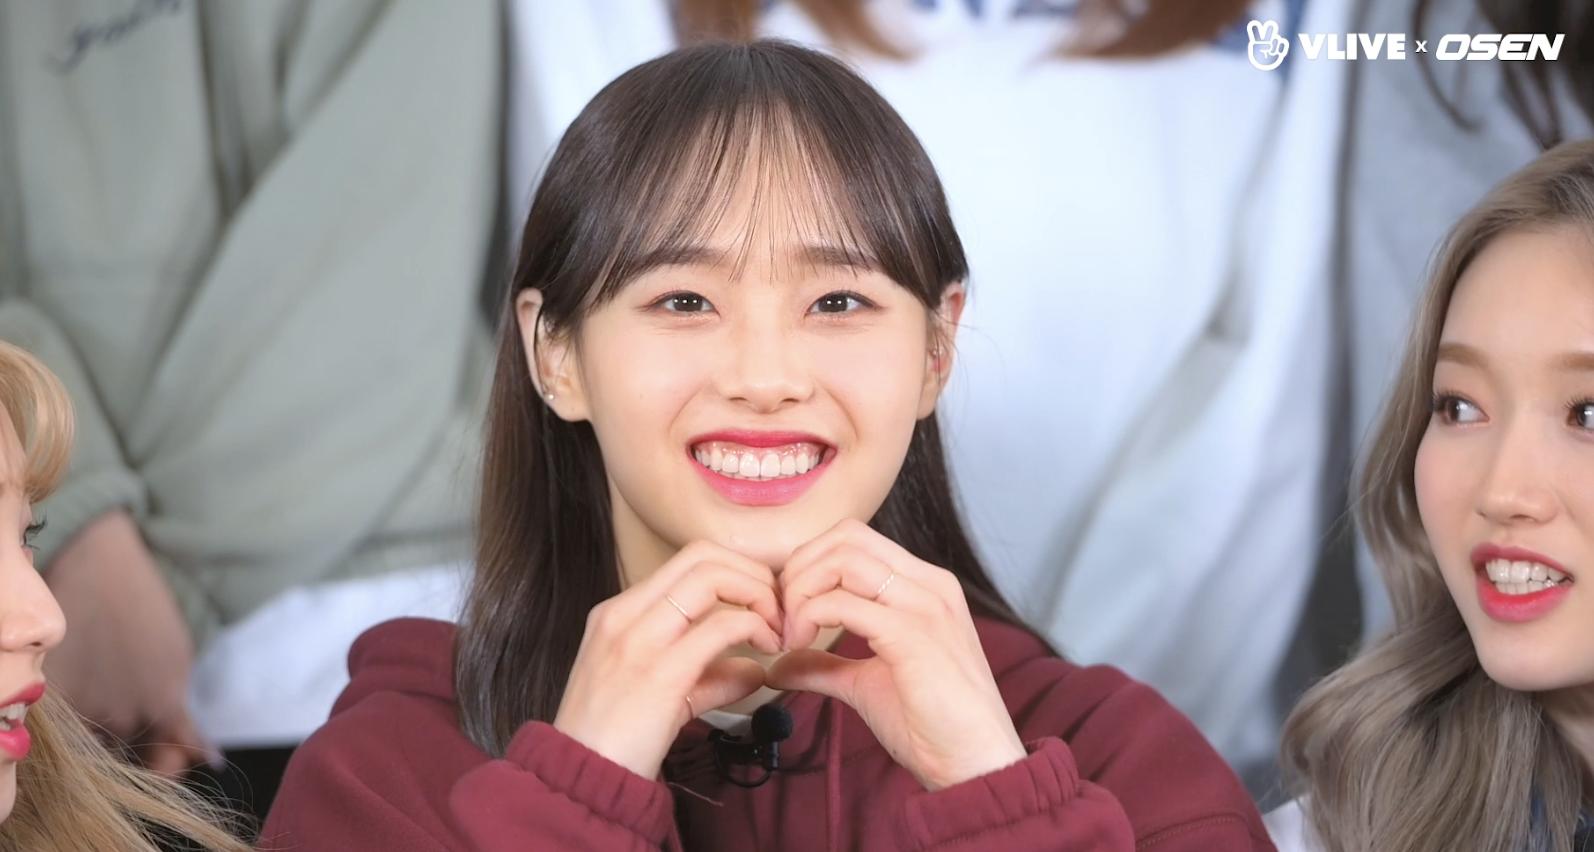 LOONA 이달의 소녀, 츄의 취미는 하트 만들기? #연습실챌린지 06